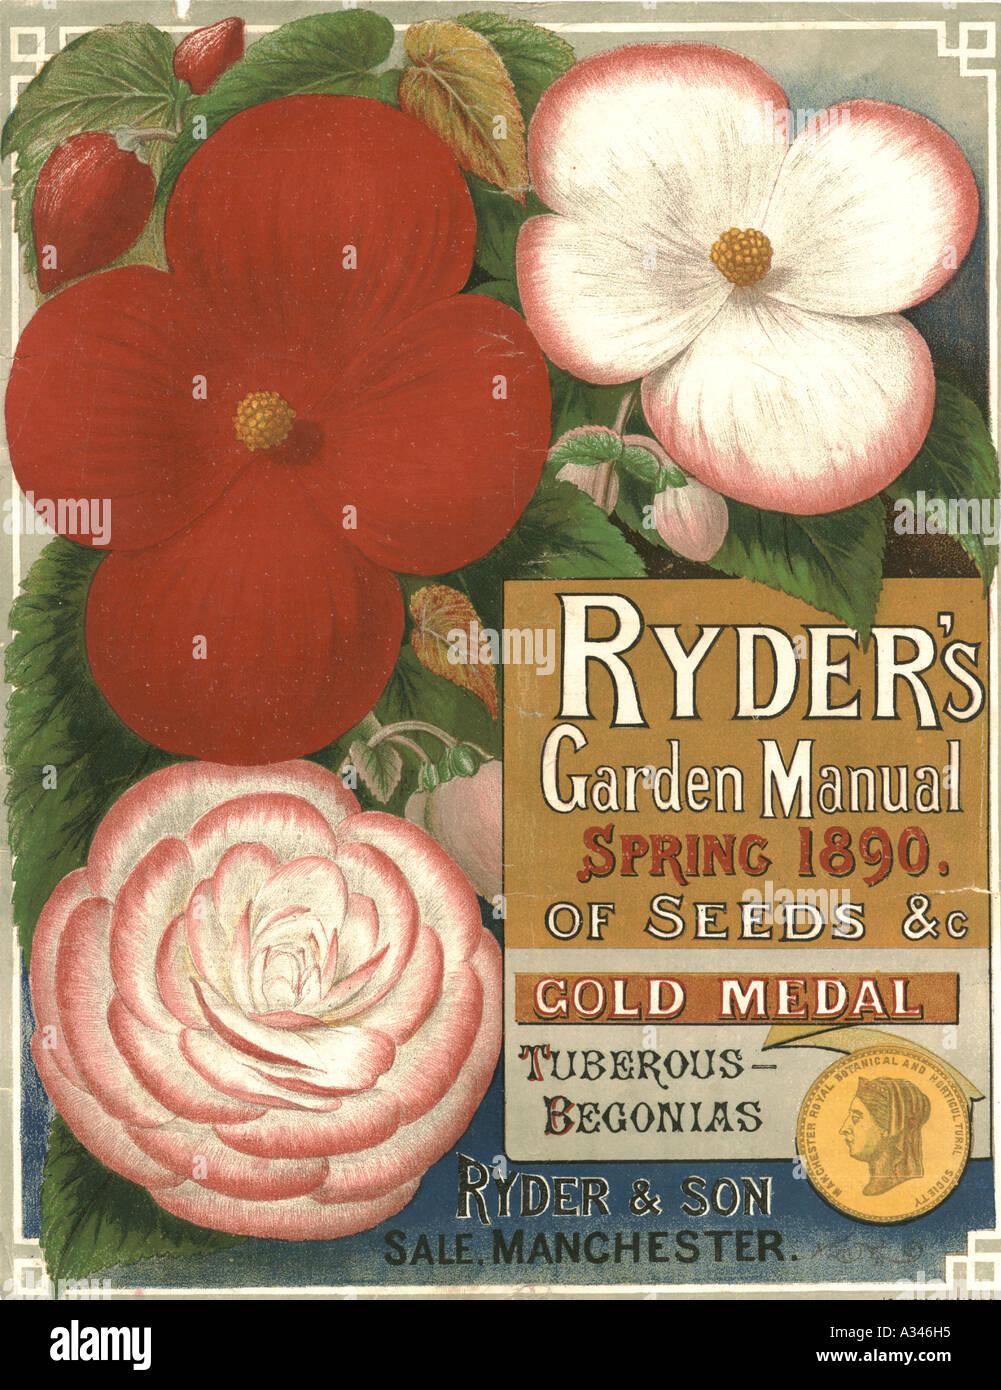 Ryder's garden manual 1890 Banque D'Images